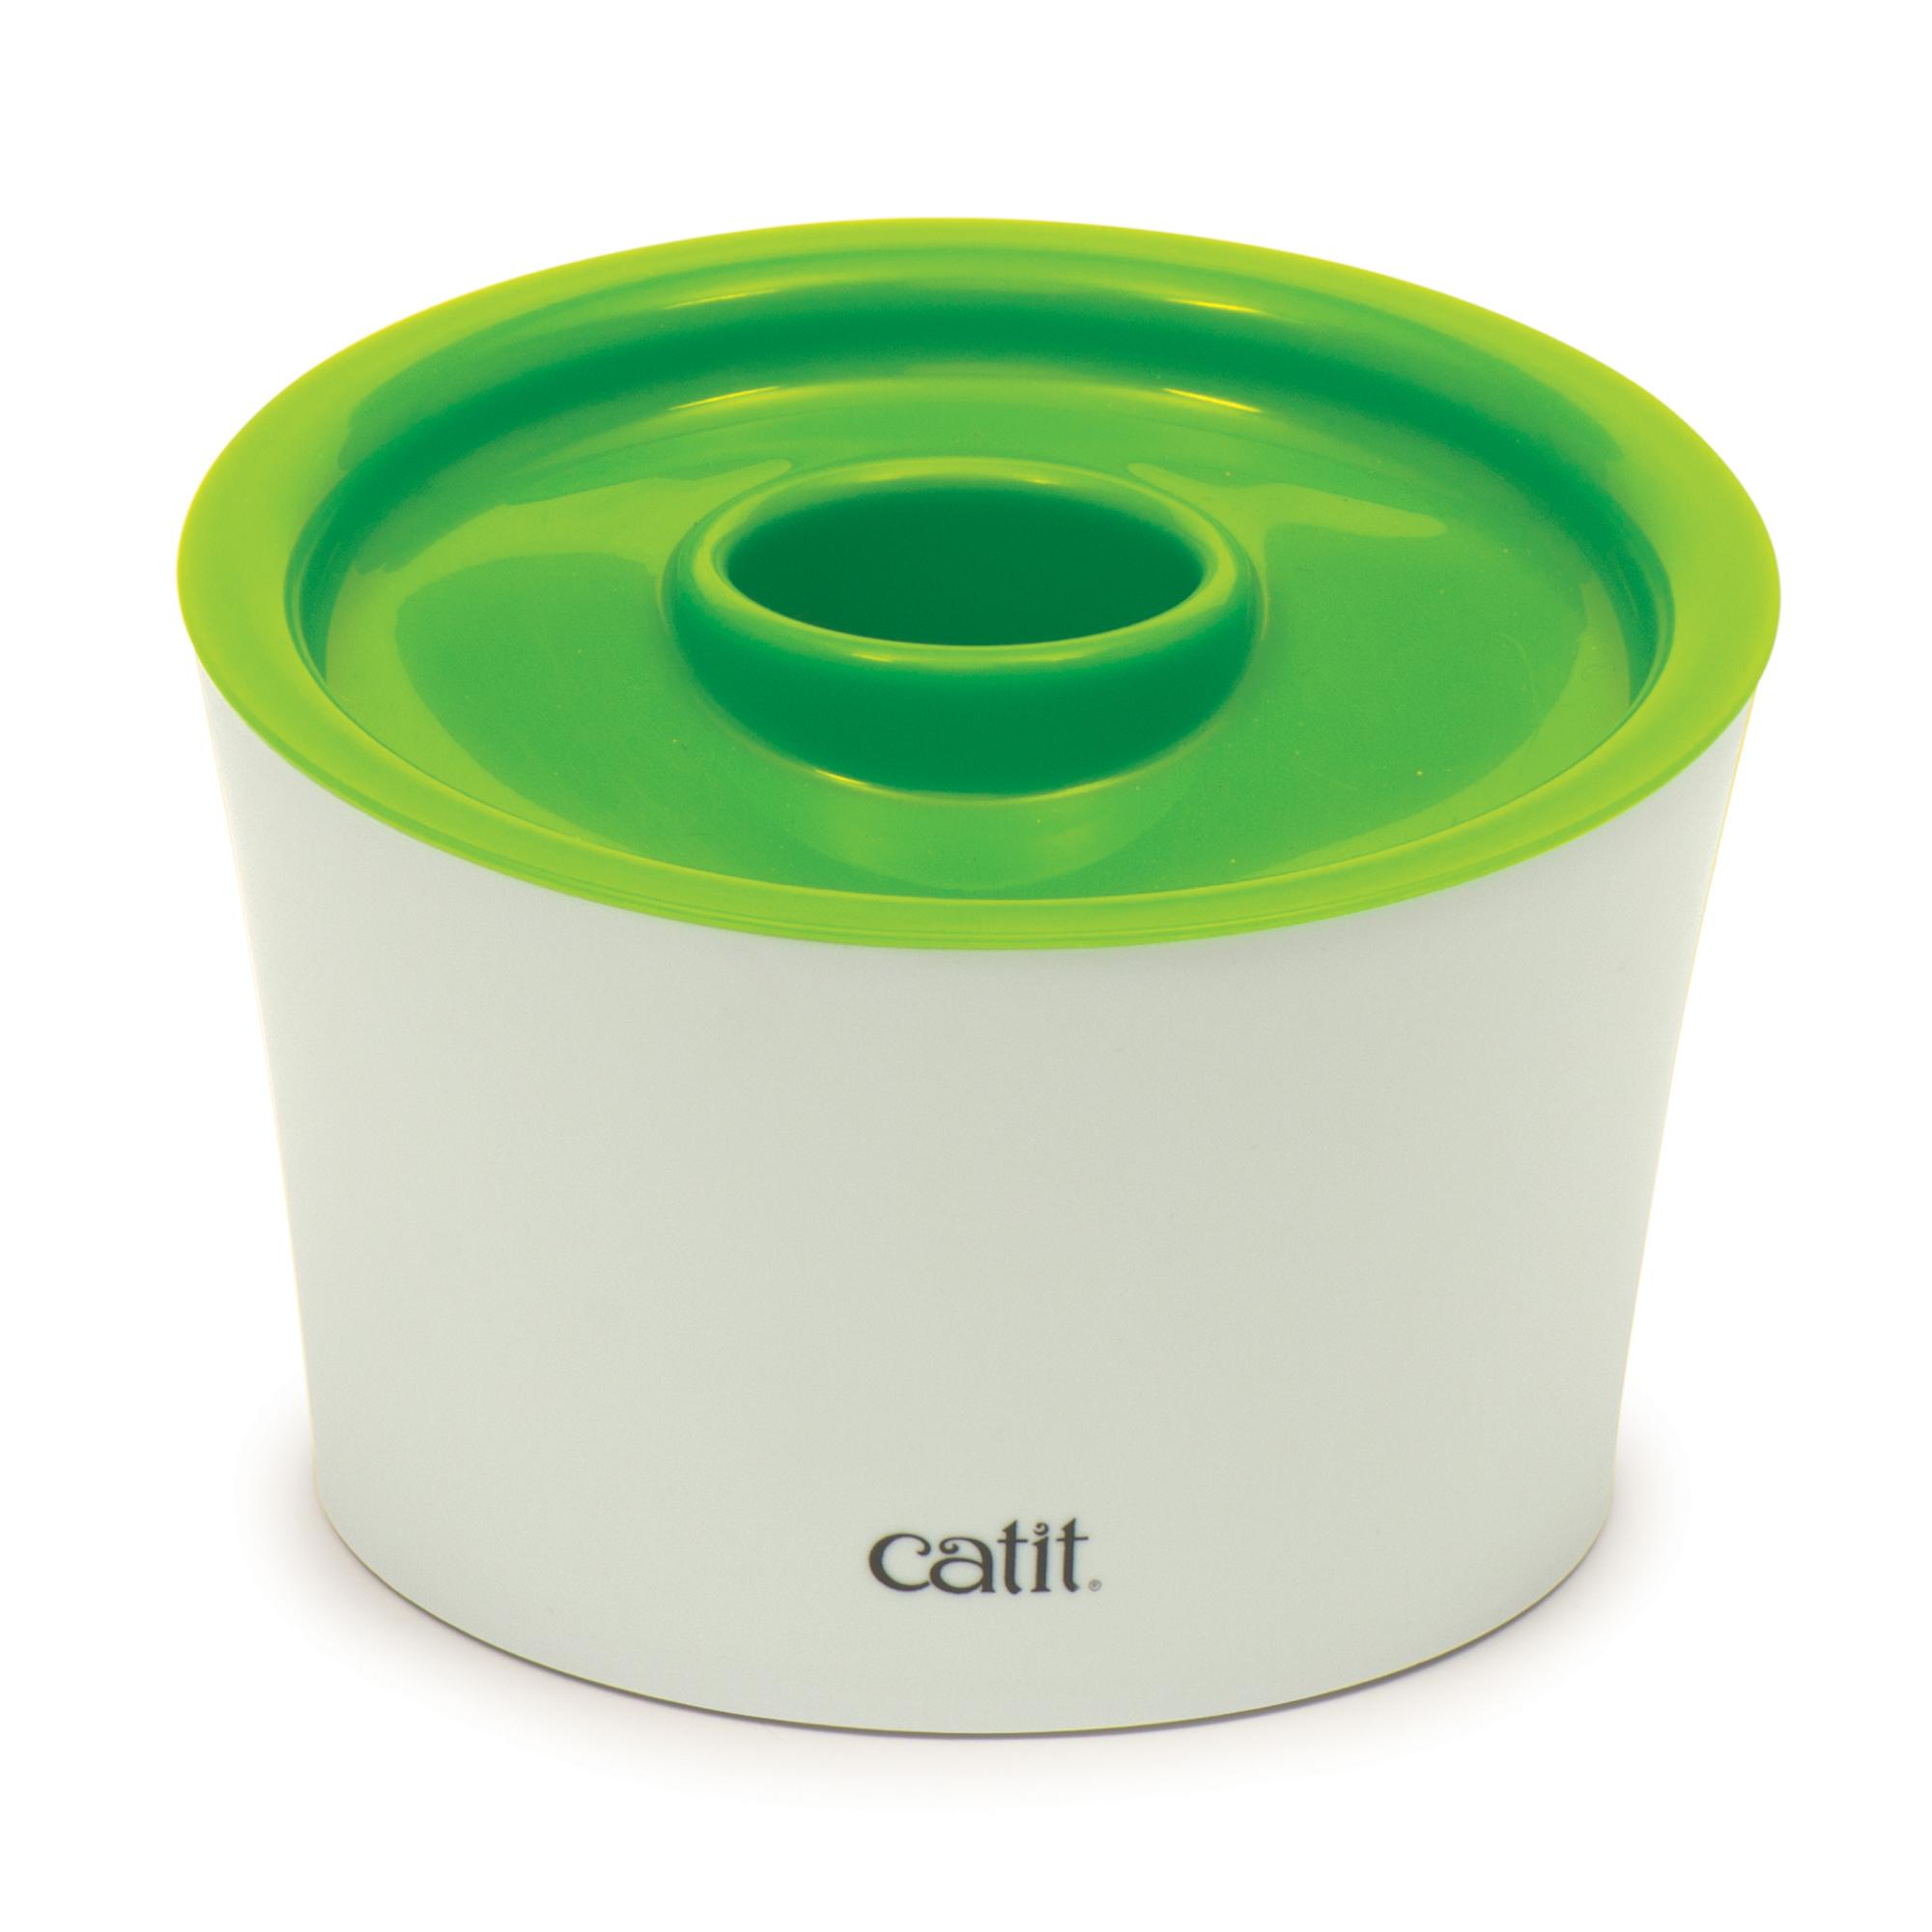 Hagen Catit Senses 2.0 Multi Feeder